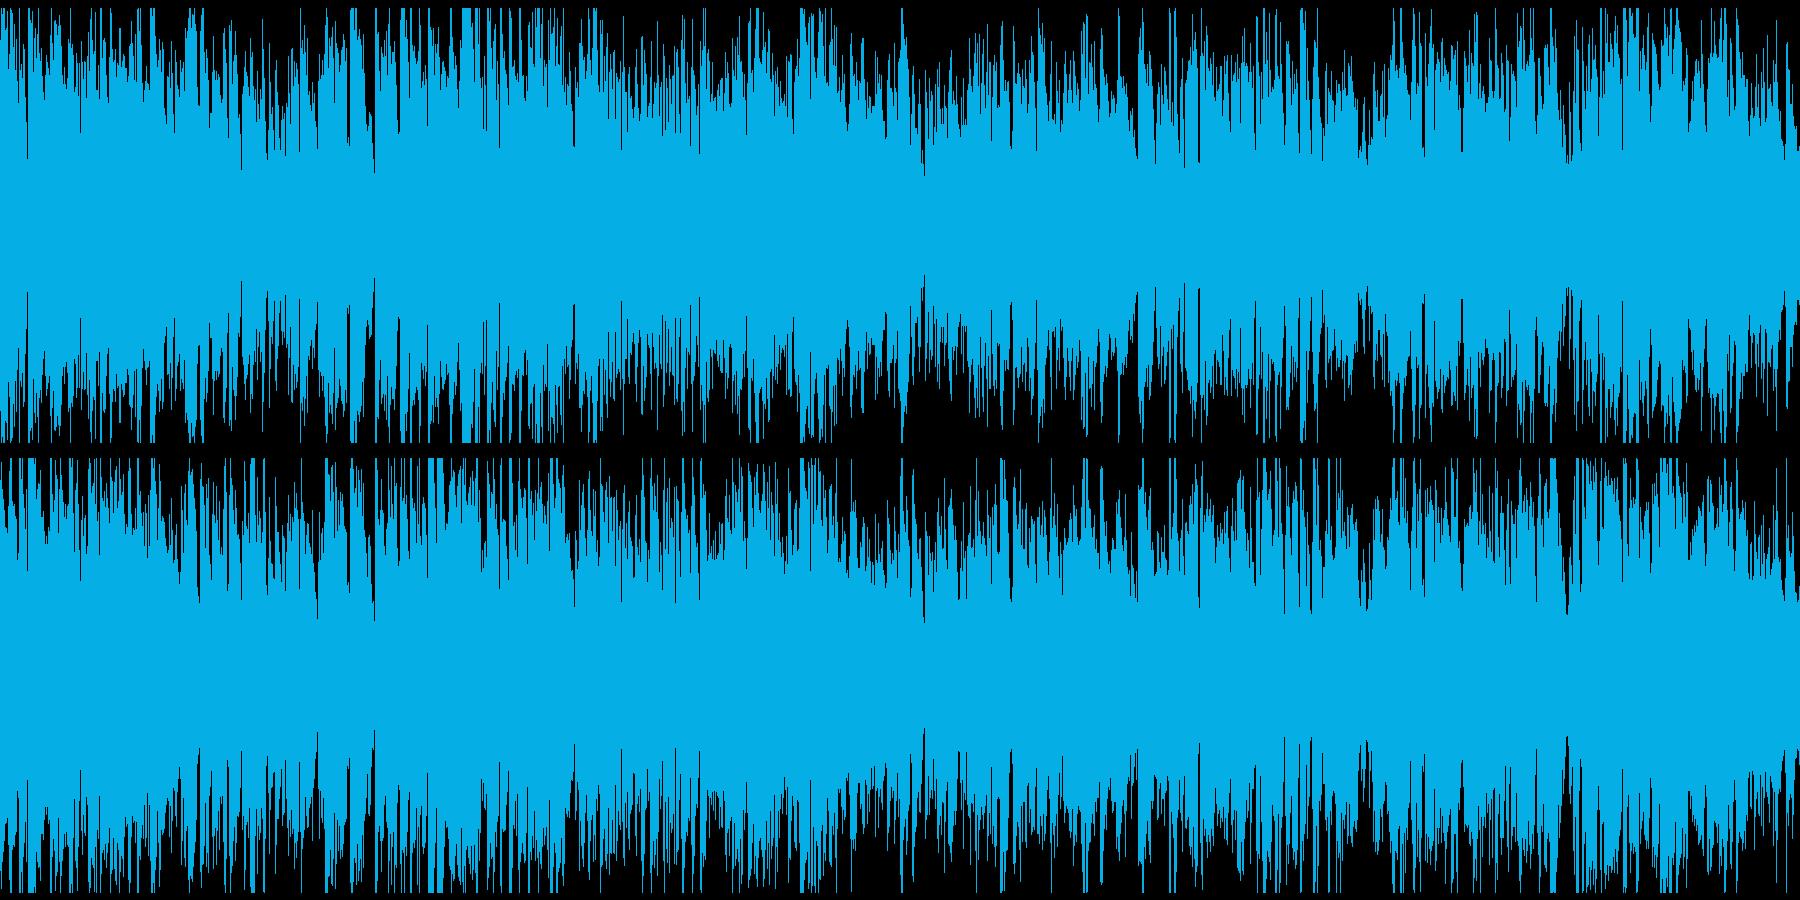 元気モリモリな正統派ジャズ ※ループ版の再生済みの波形